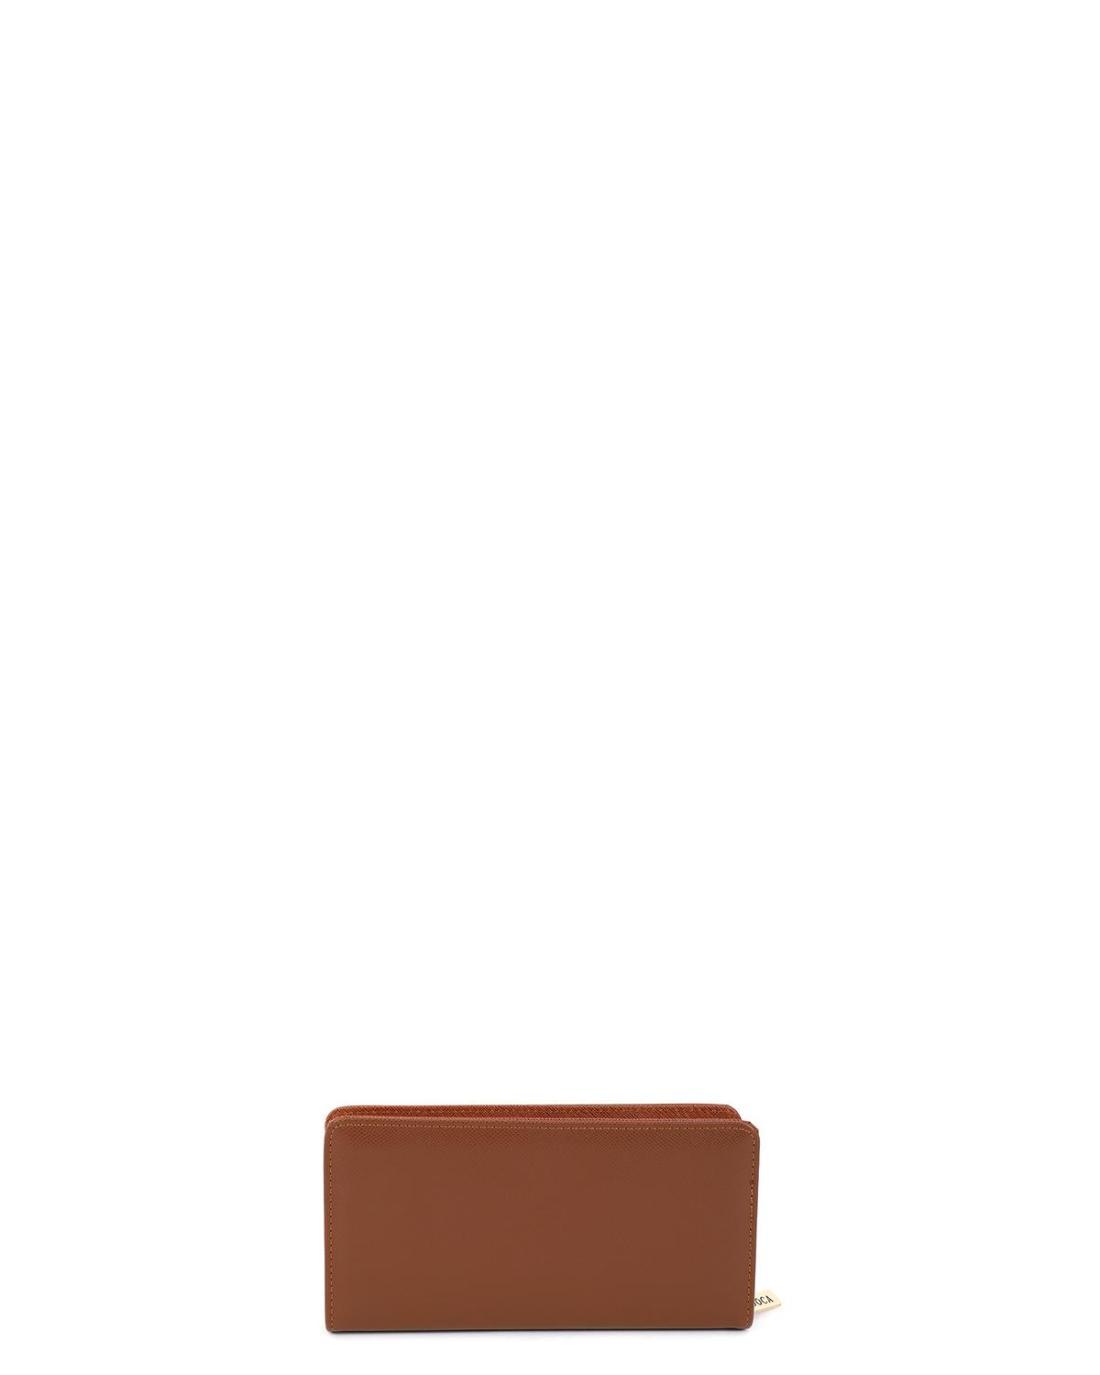 Πορτοφόλι καφέ